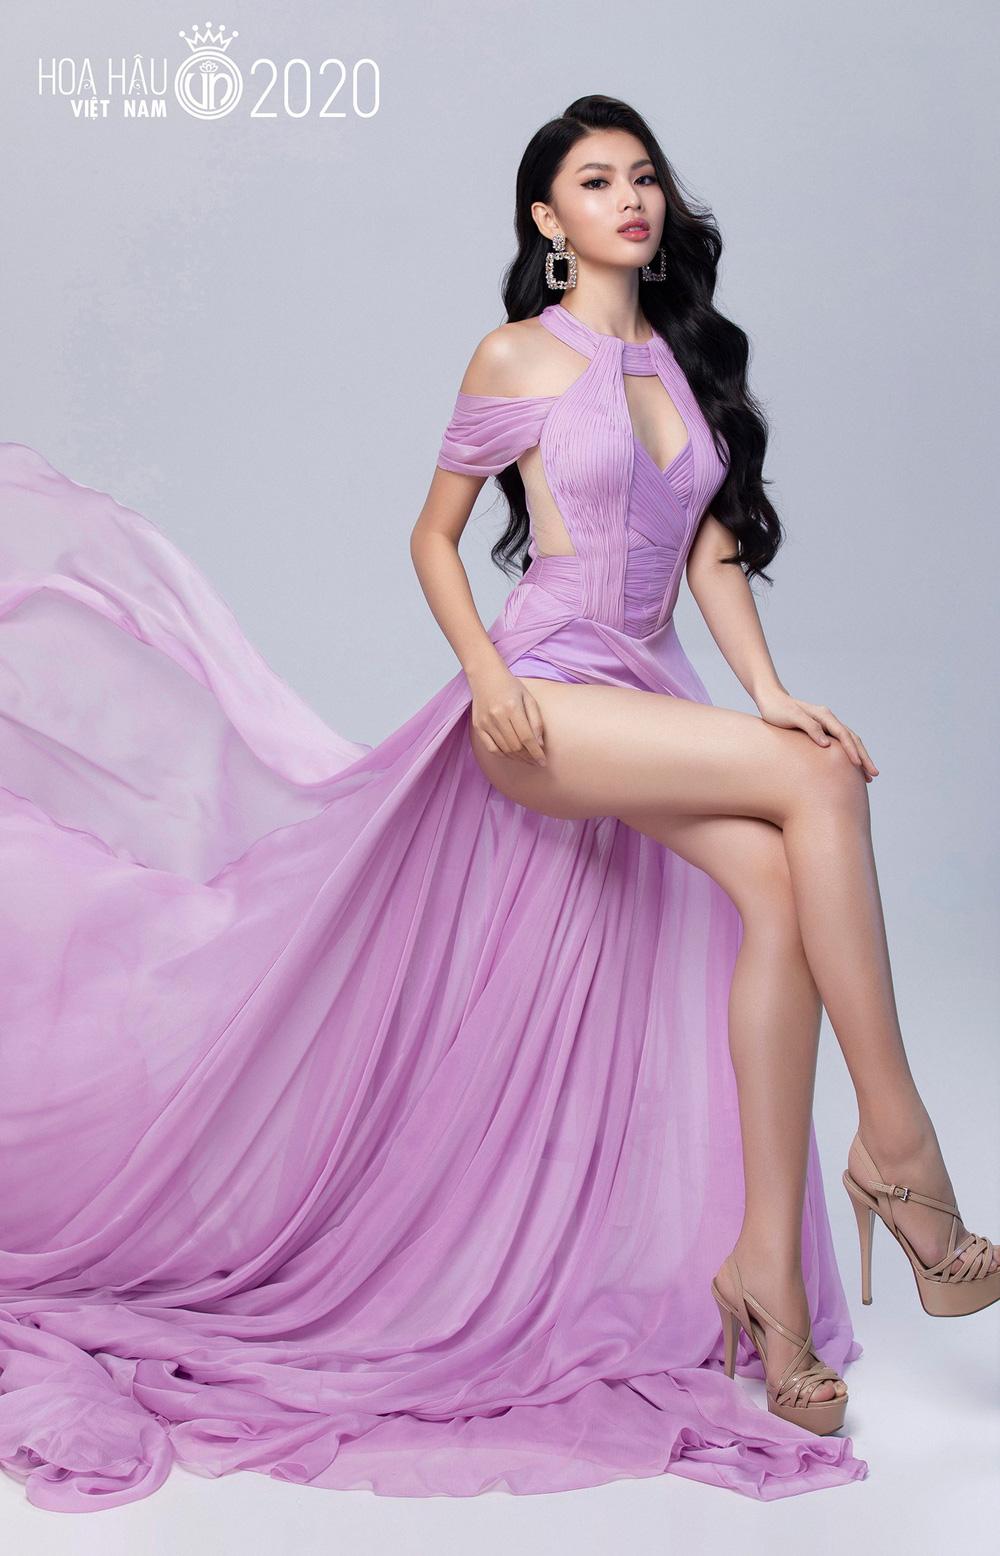 Những thí sinh Hoa hậu Việt Nam 2020 sở hữu đôi chân dài nổi bật - Ảnh 5.